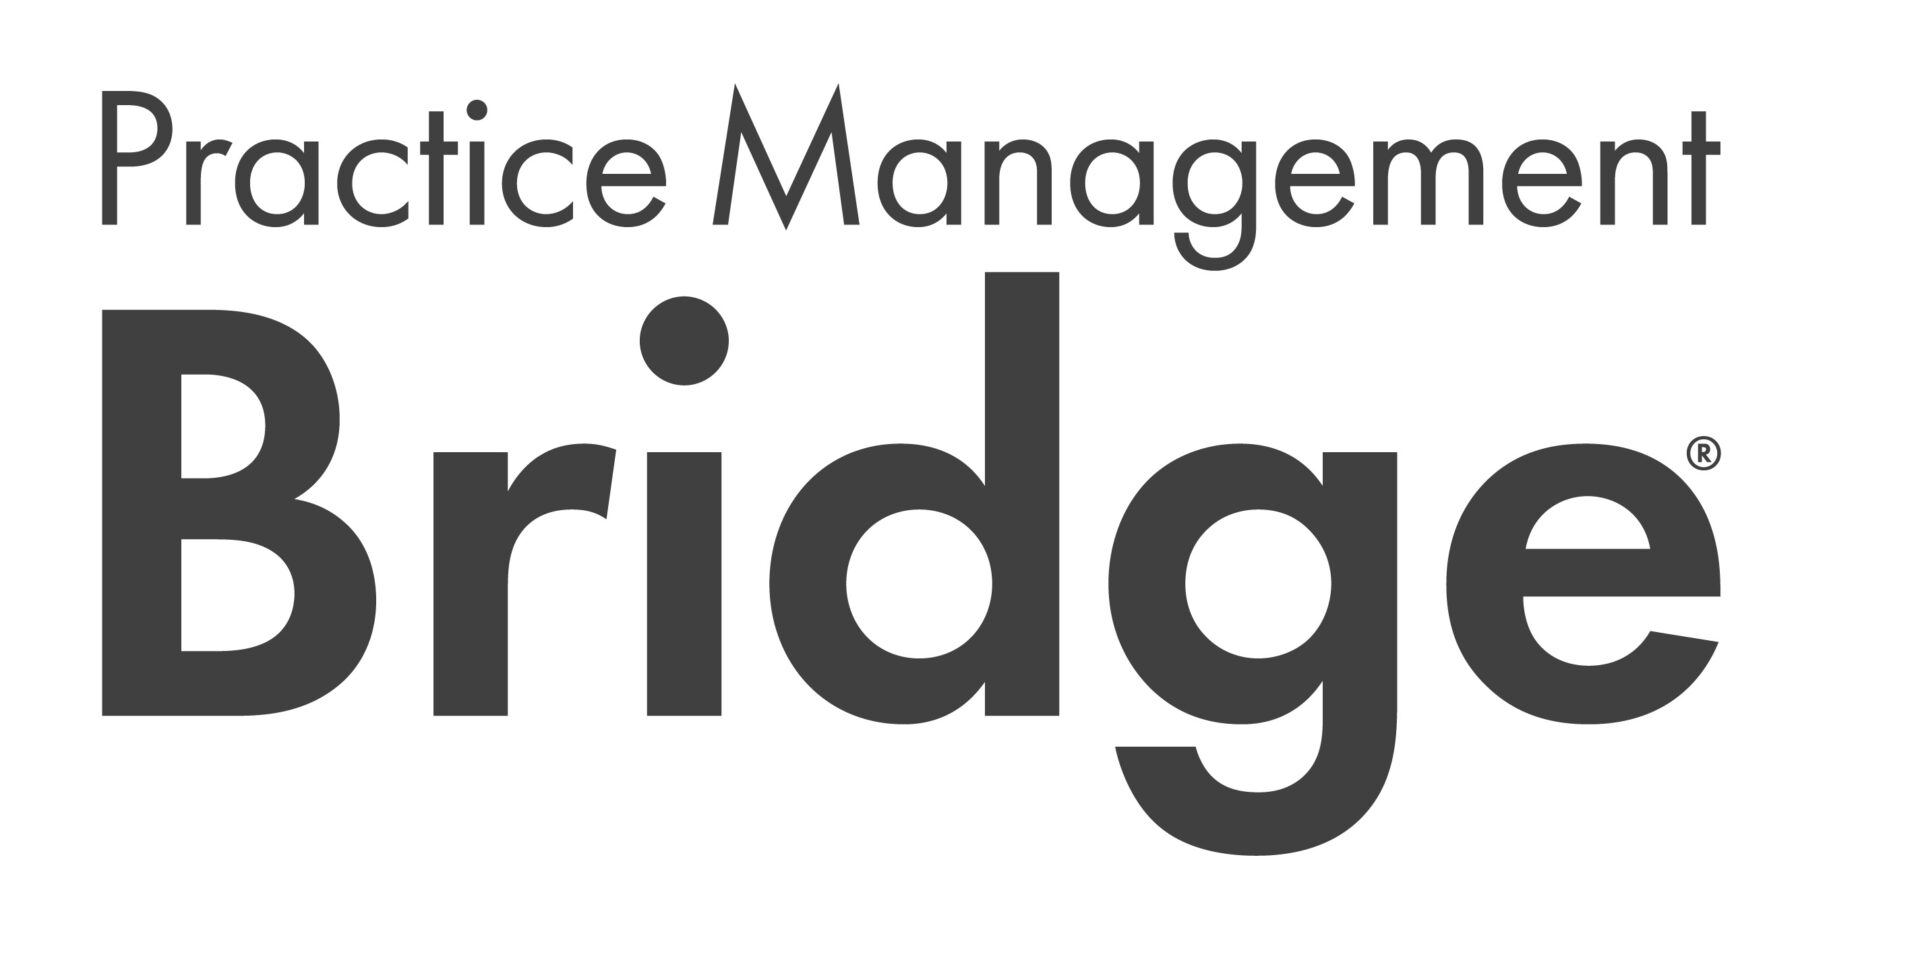 Practice Management Bridge